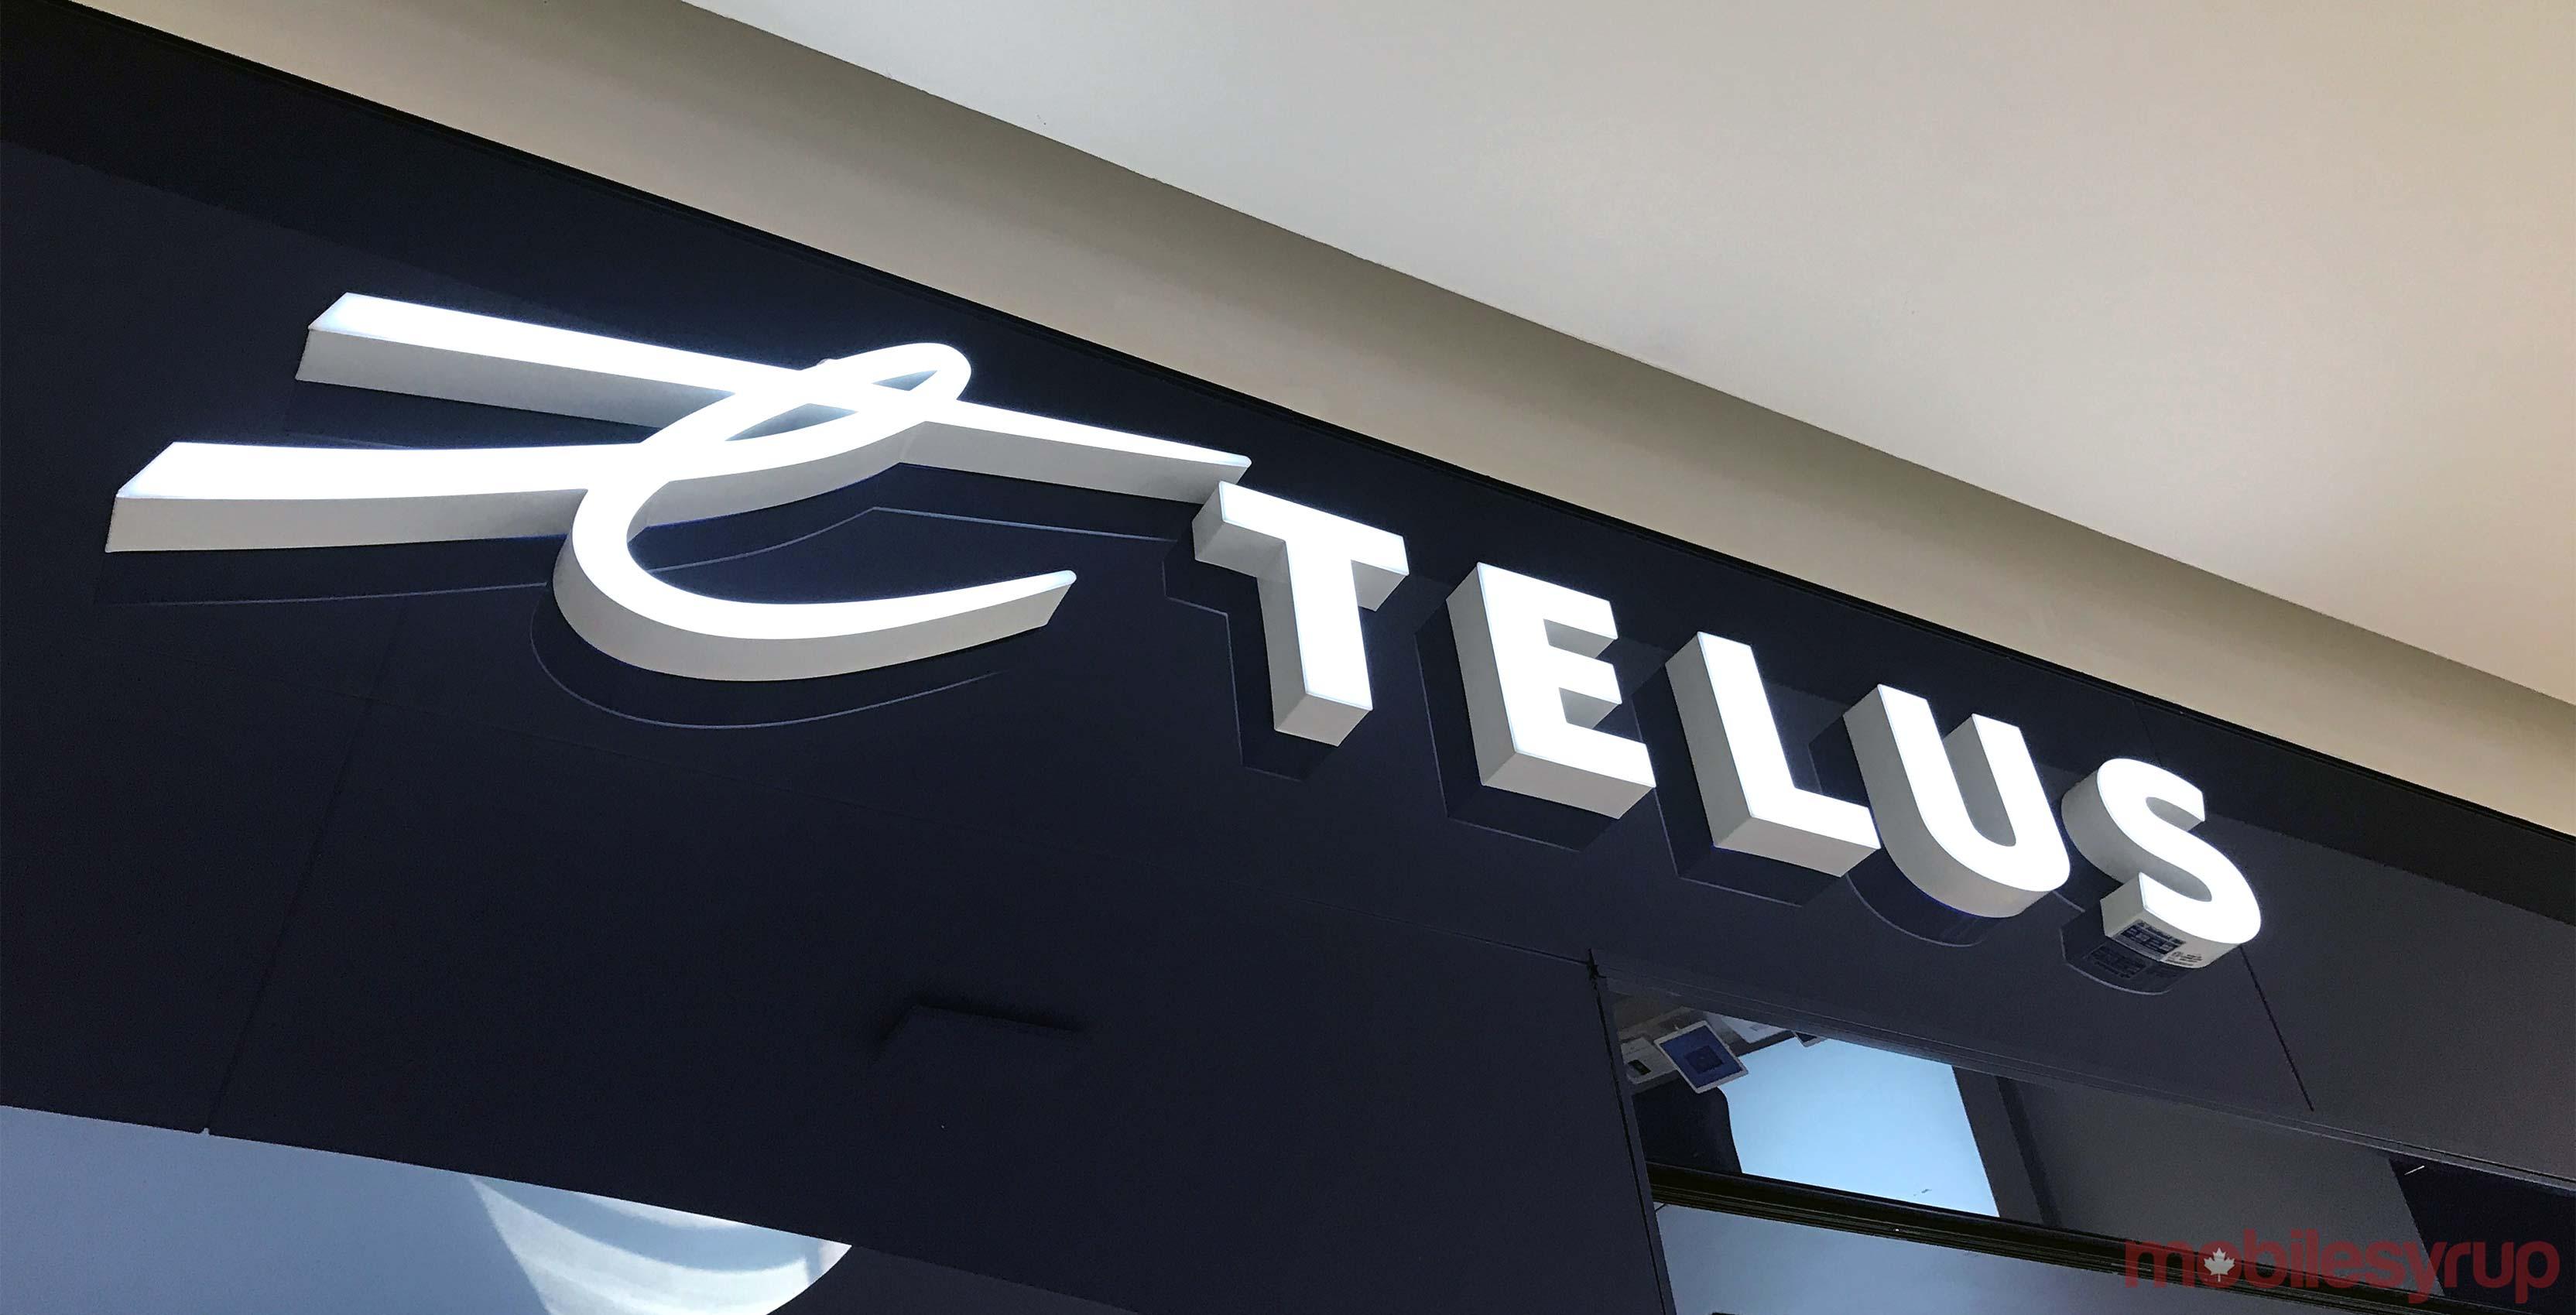 Telus logo with blue background